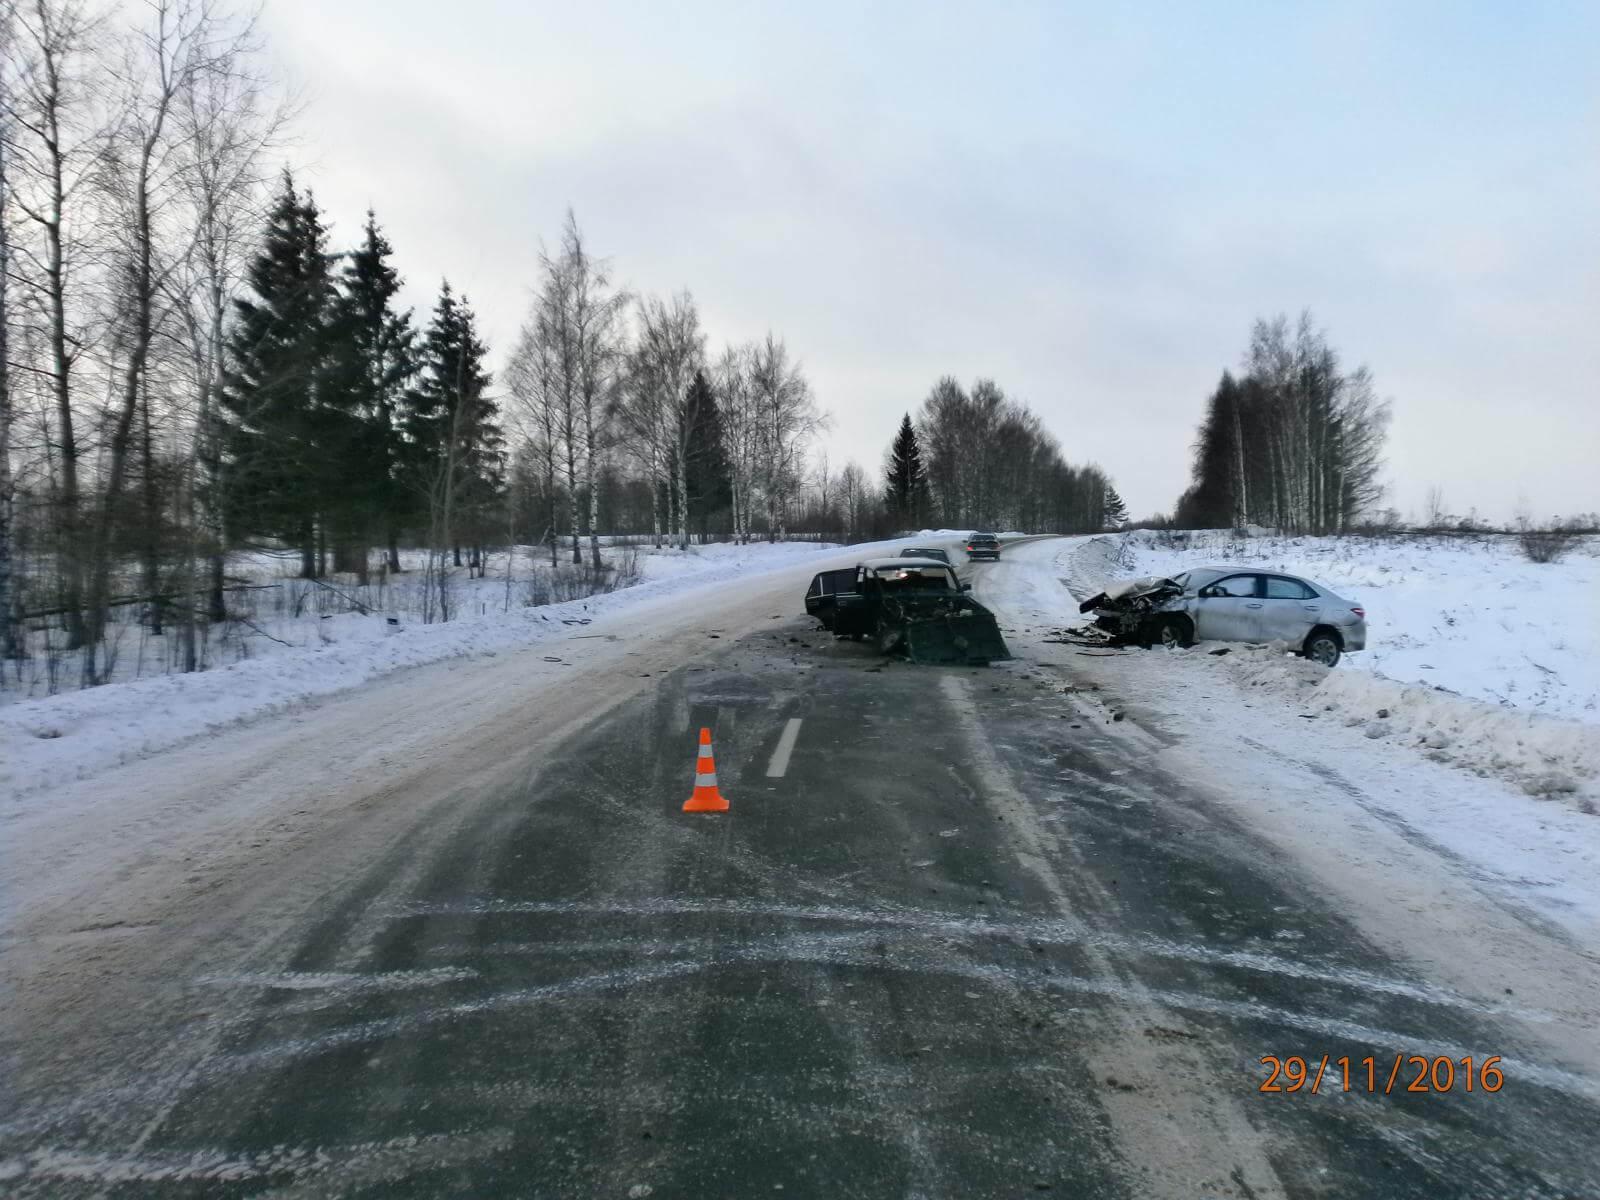 29 ноября в 3 ДТП на дорогах области пострадали 3 человека